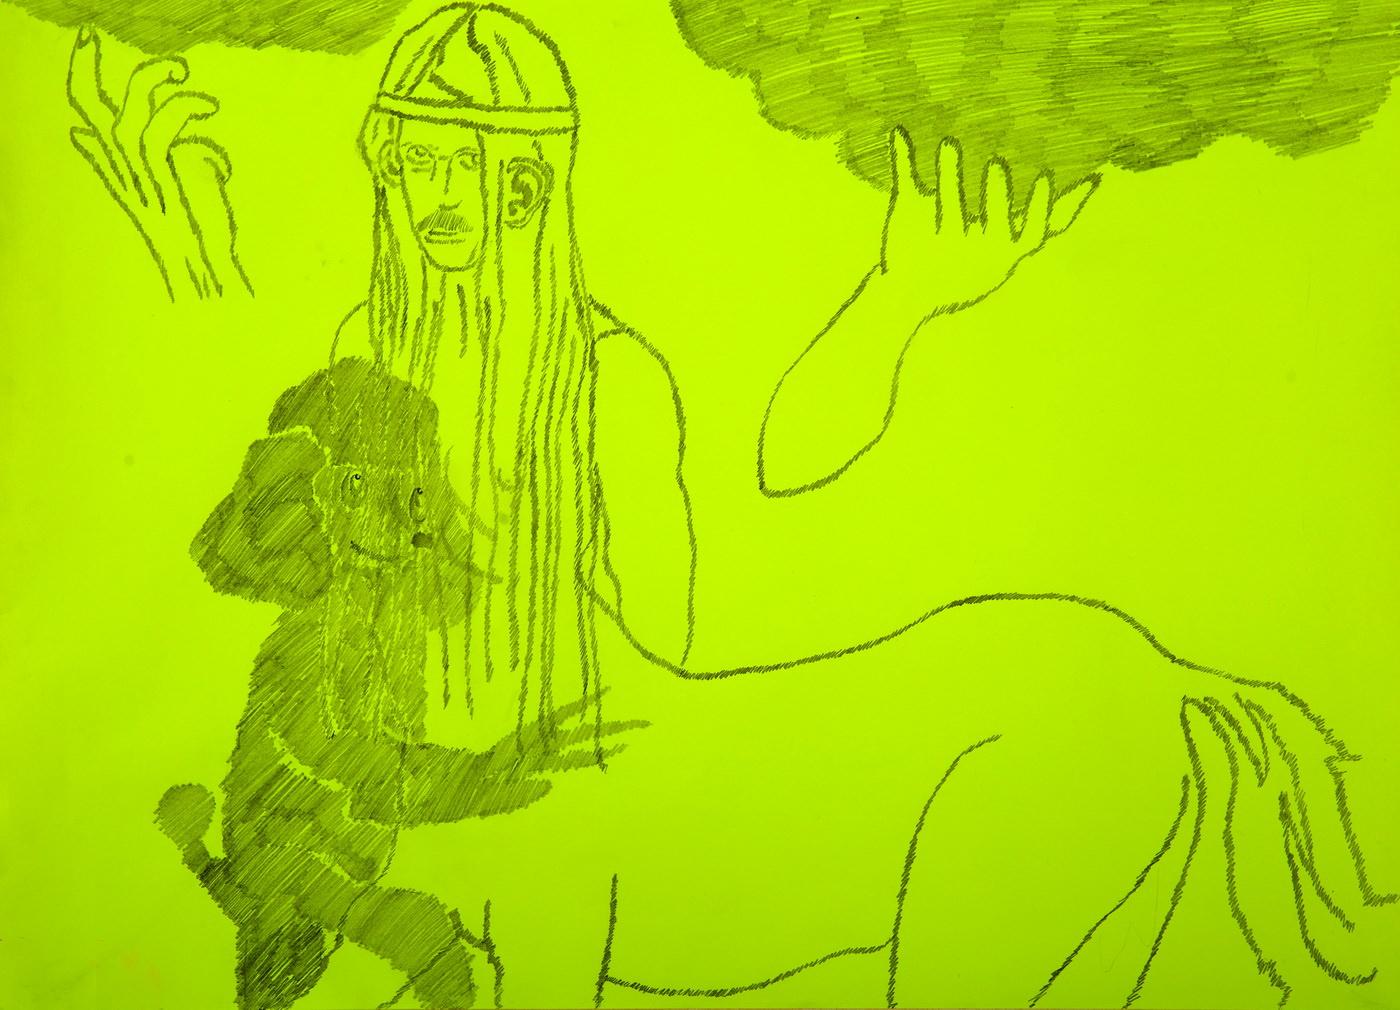 Юлия Застава. Без названия. 2019. Флуоресцентная бумага, карандаш